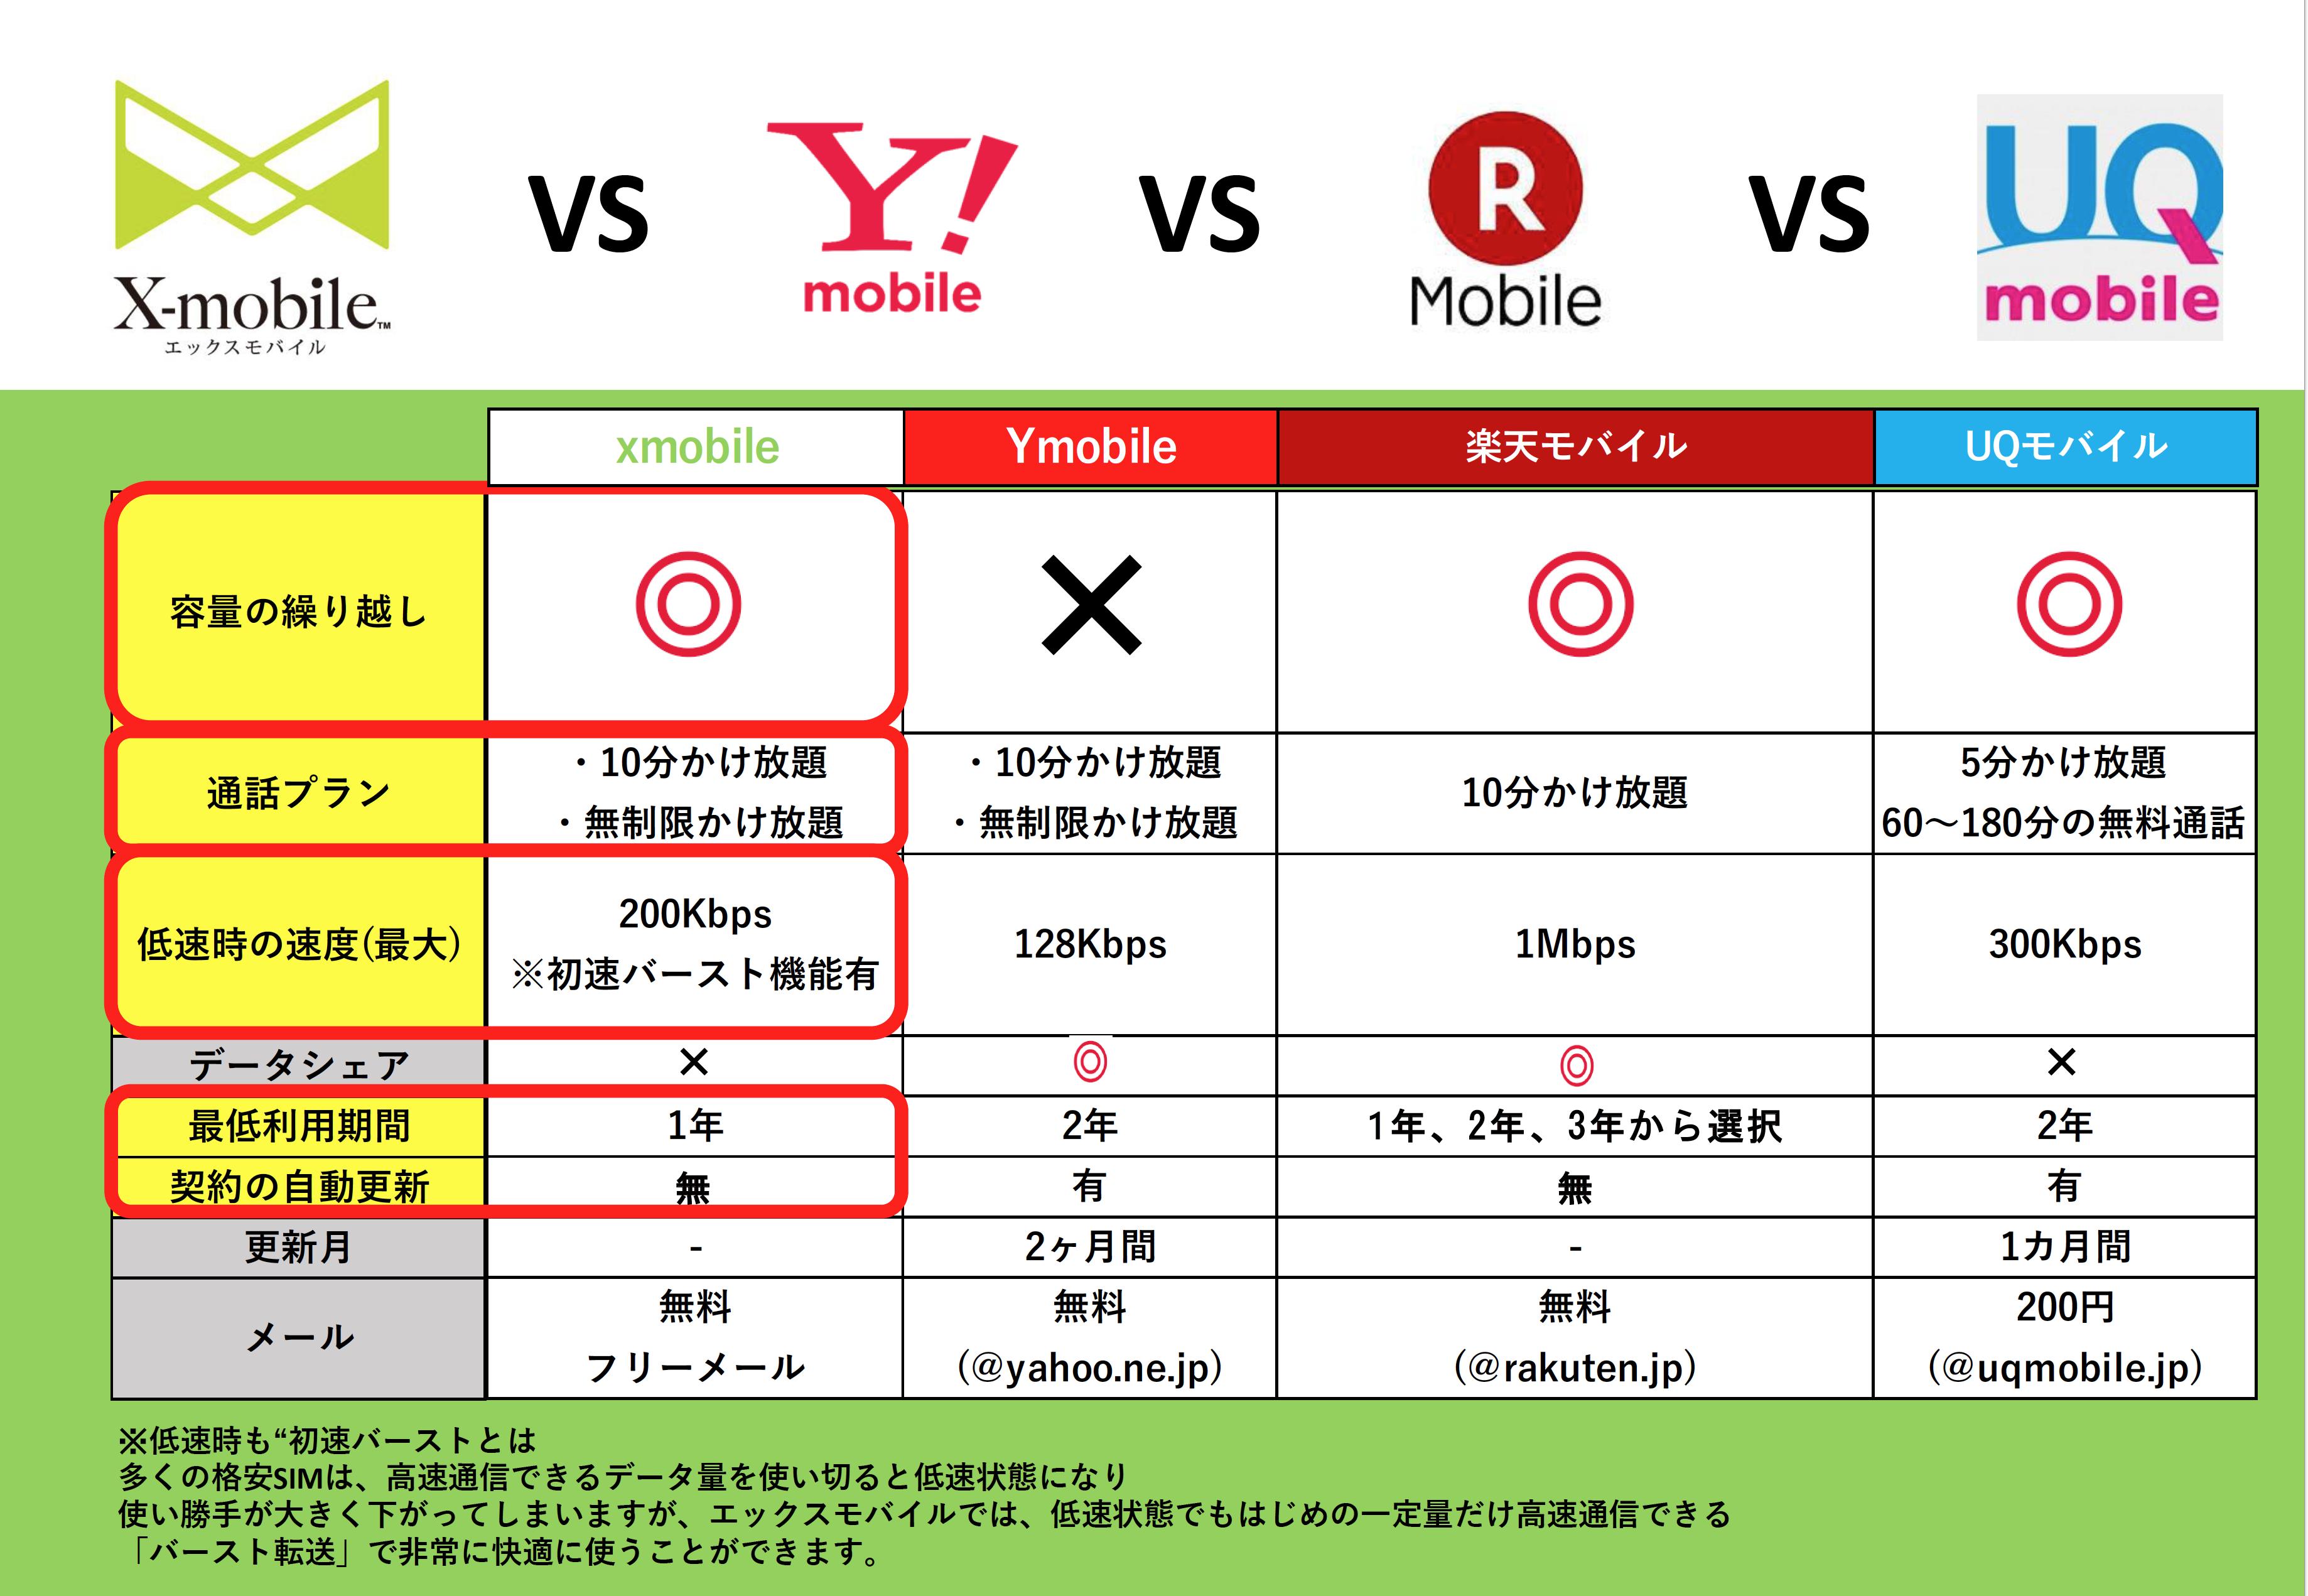 サービス比較 X−mobile vs Y!mobile vs 楽天モバイル vs UQmobile